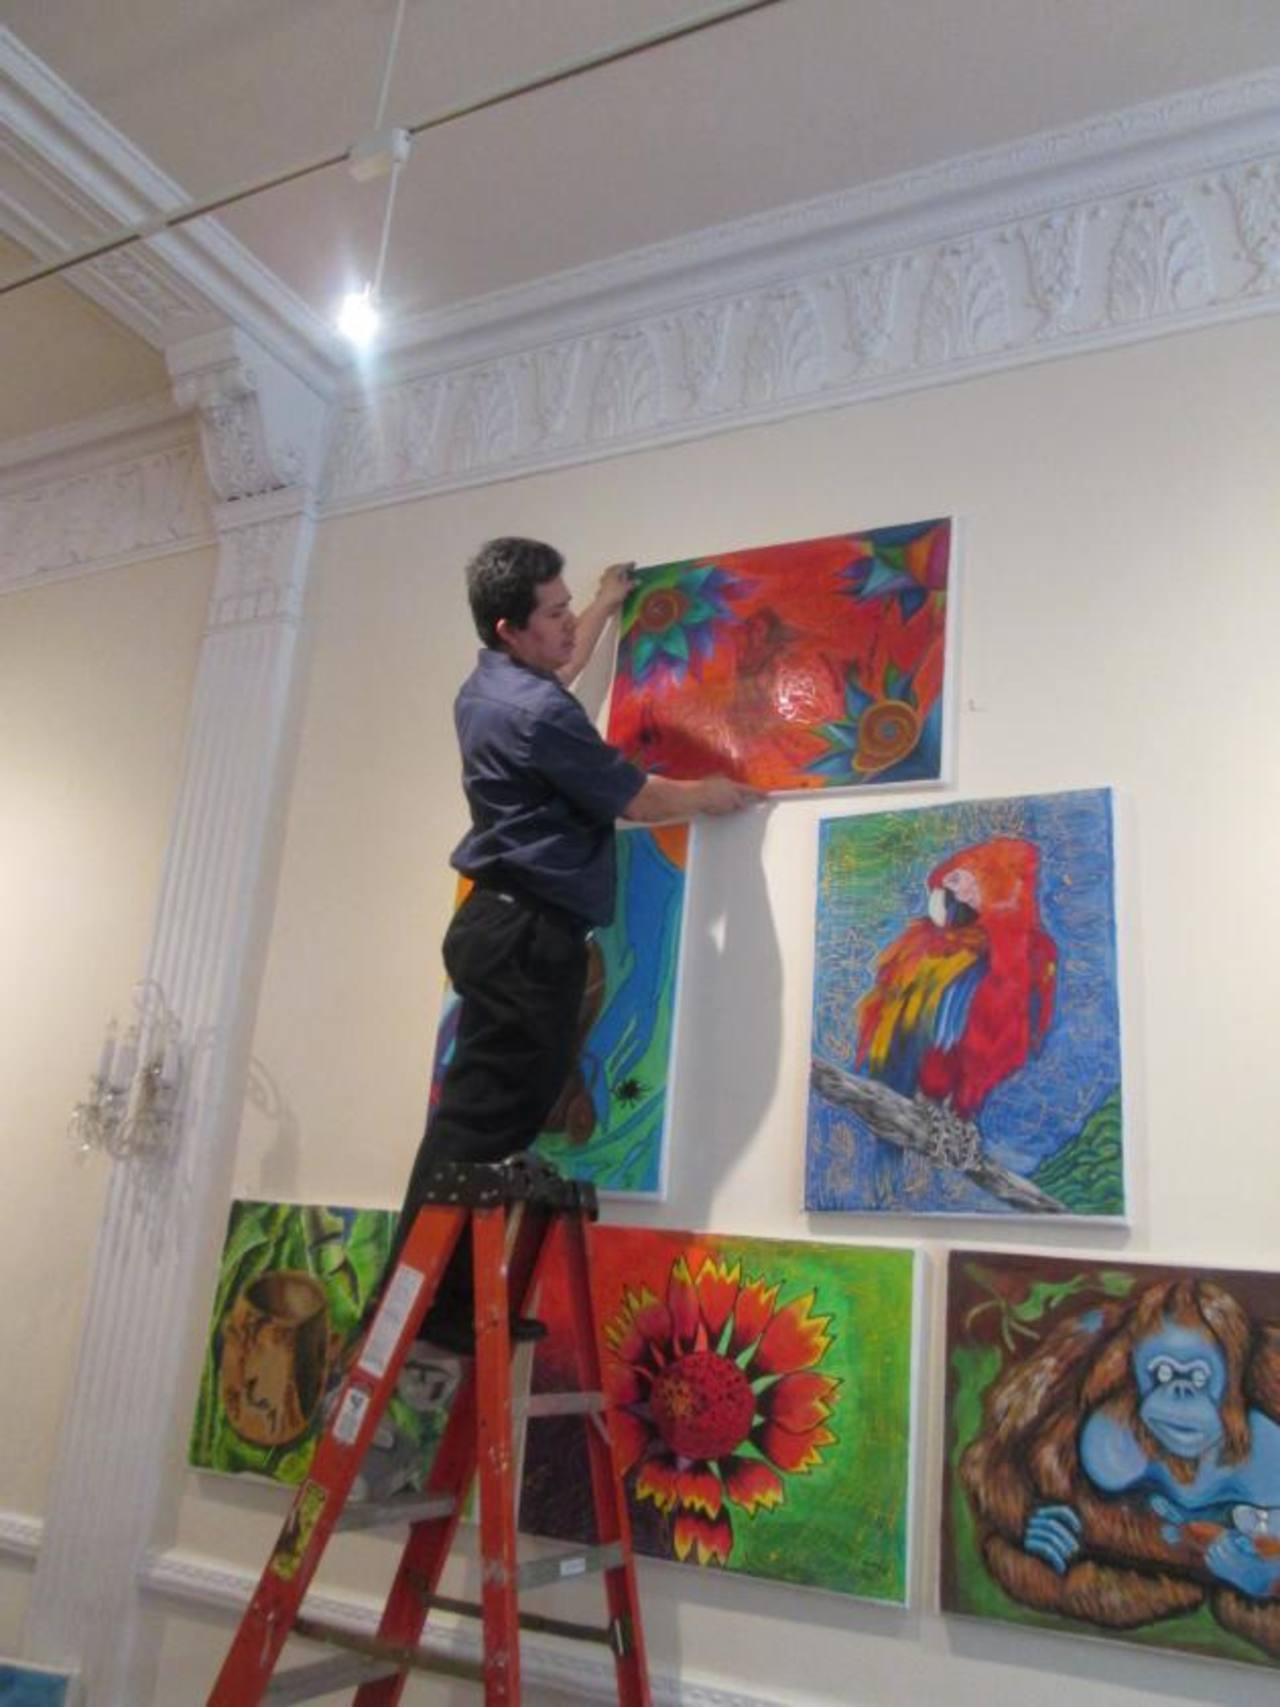 Luis Machuca, colaborador de la Misión salvadoreña ante la ONU, coloca las pinturas de los estudiantes del centro escolar Distrito Italia, de cara a la exposición en Nueva York. Fotos EDH /